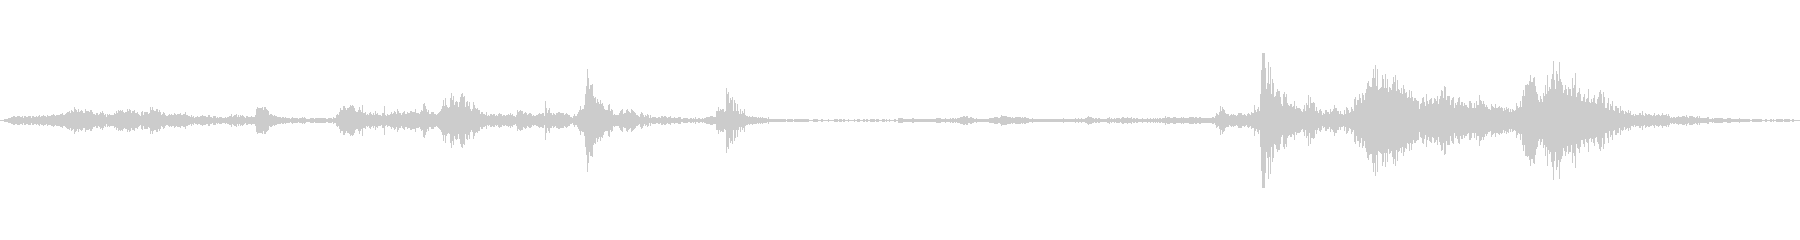 ドアメタルゲートロールスクイークの未再生の波形